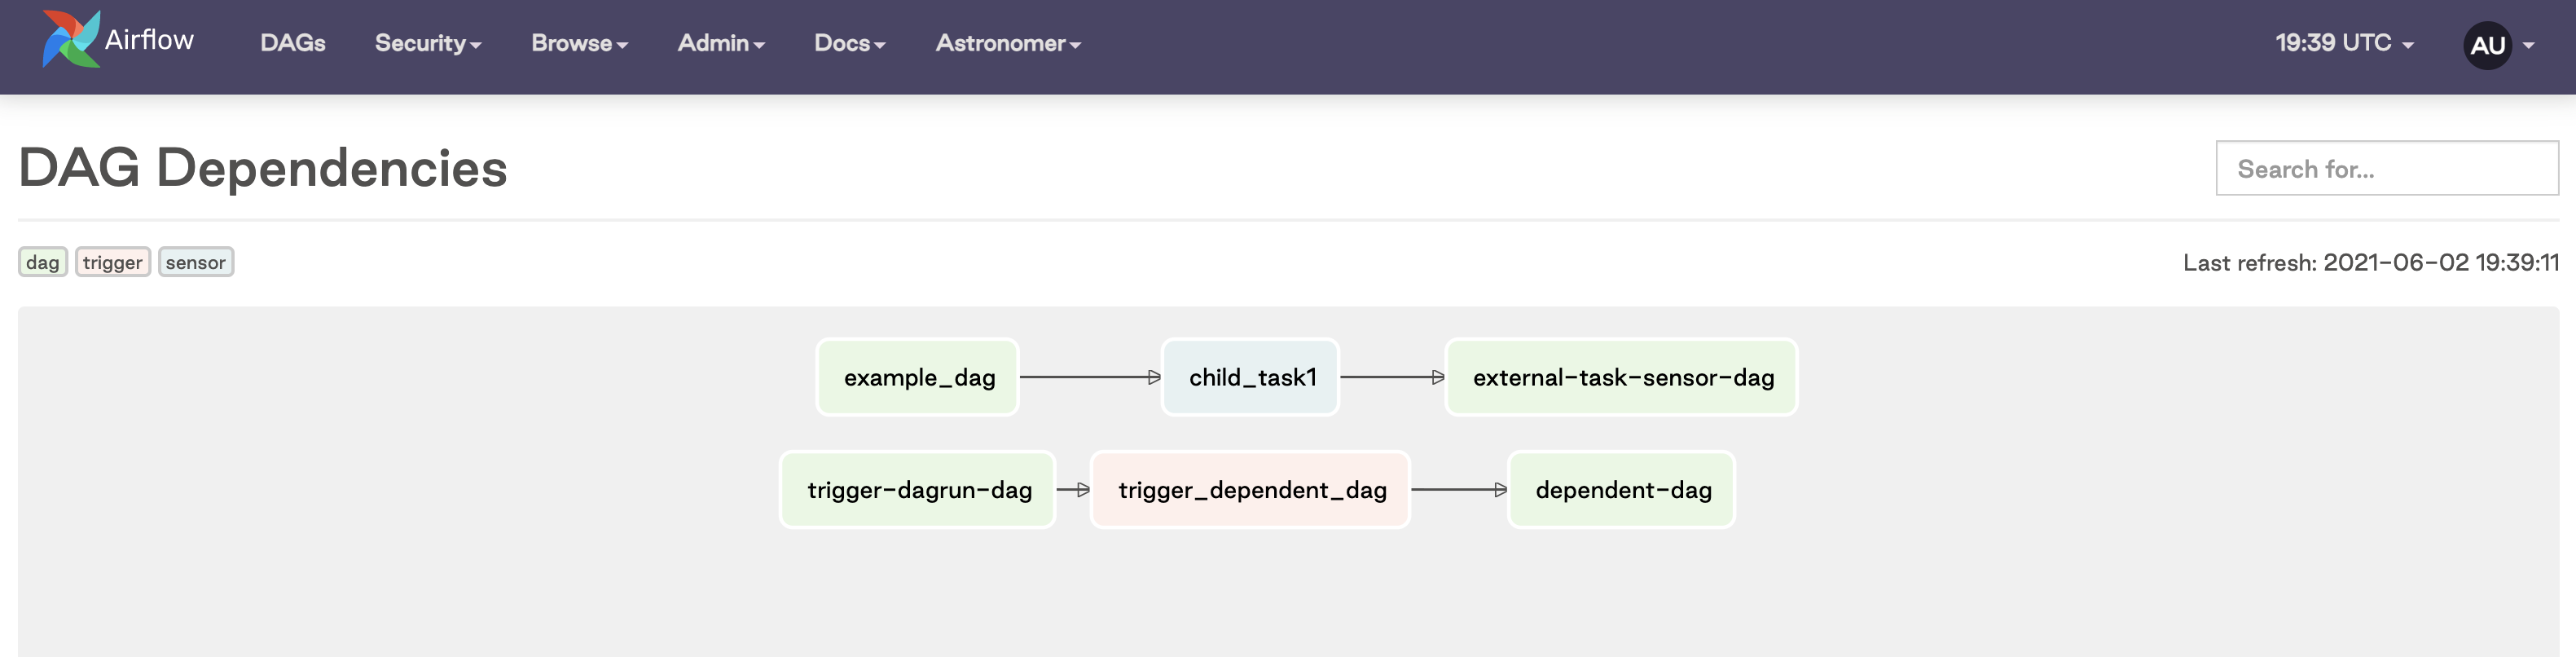 DAG Dependencies View